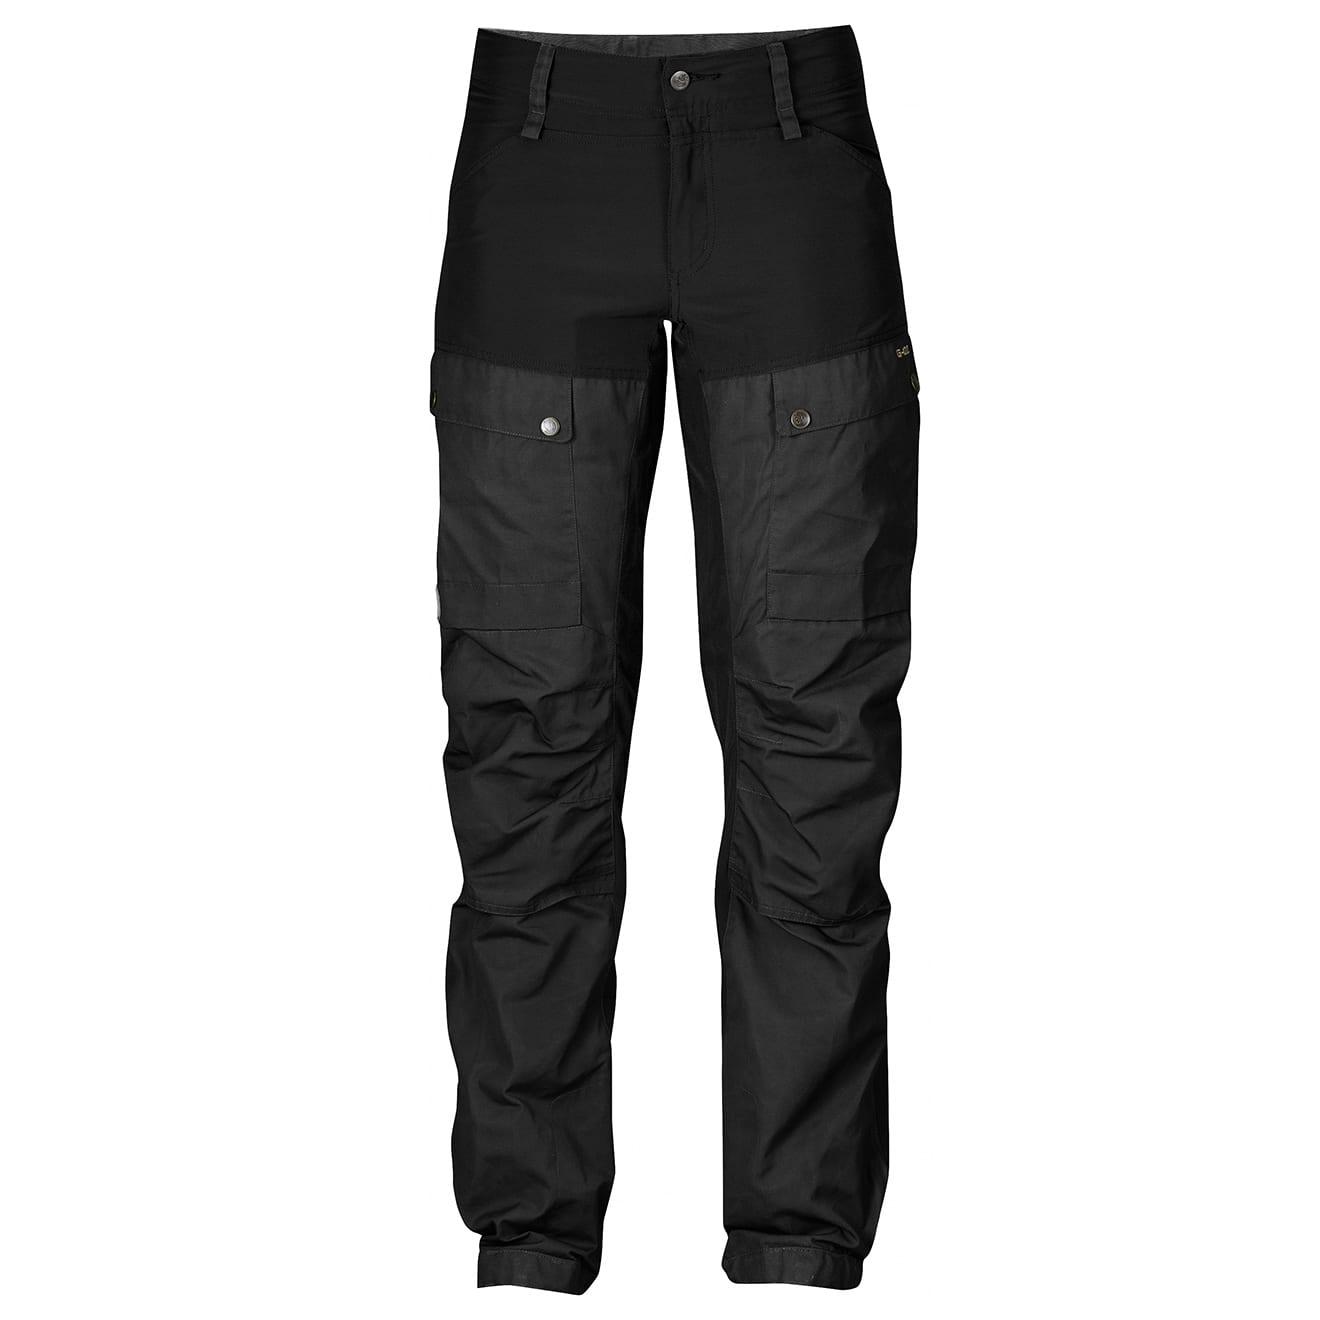 Fjallraven Keb trousers womens black